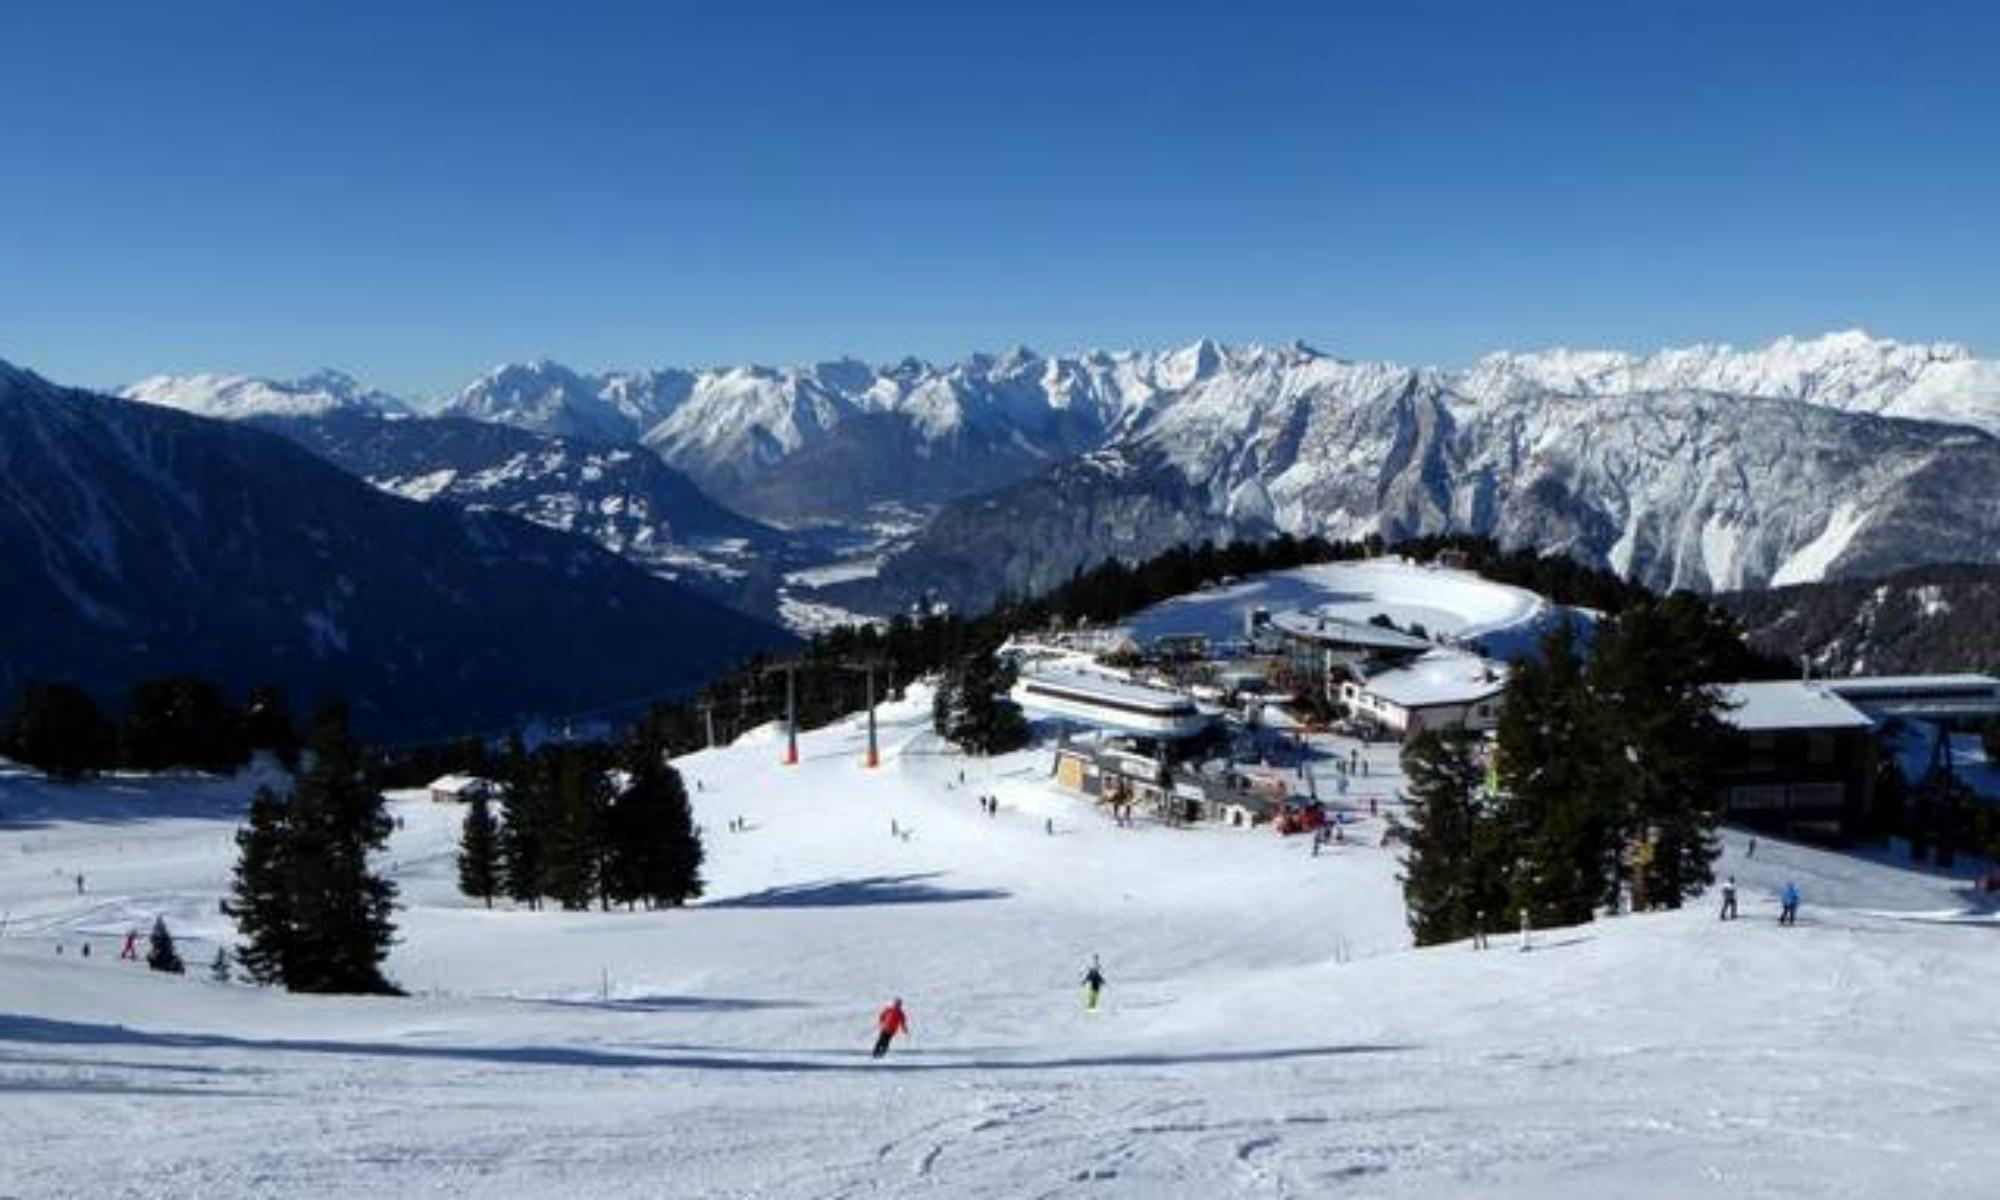 Ausblick vom Skigebiet Oetz-Hochoetz auf die Bergstation der Acherkogelbahn und die umliegende Berglandschaft.